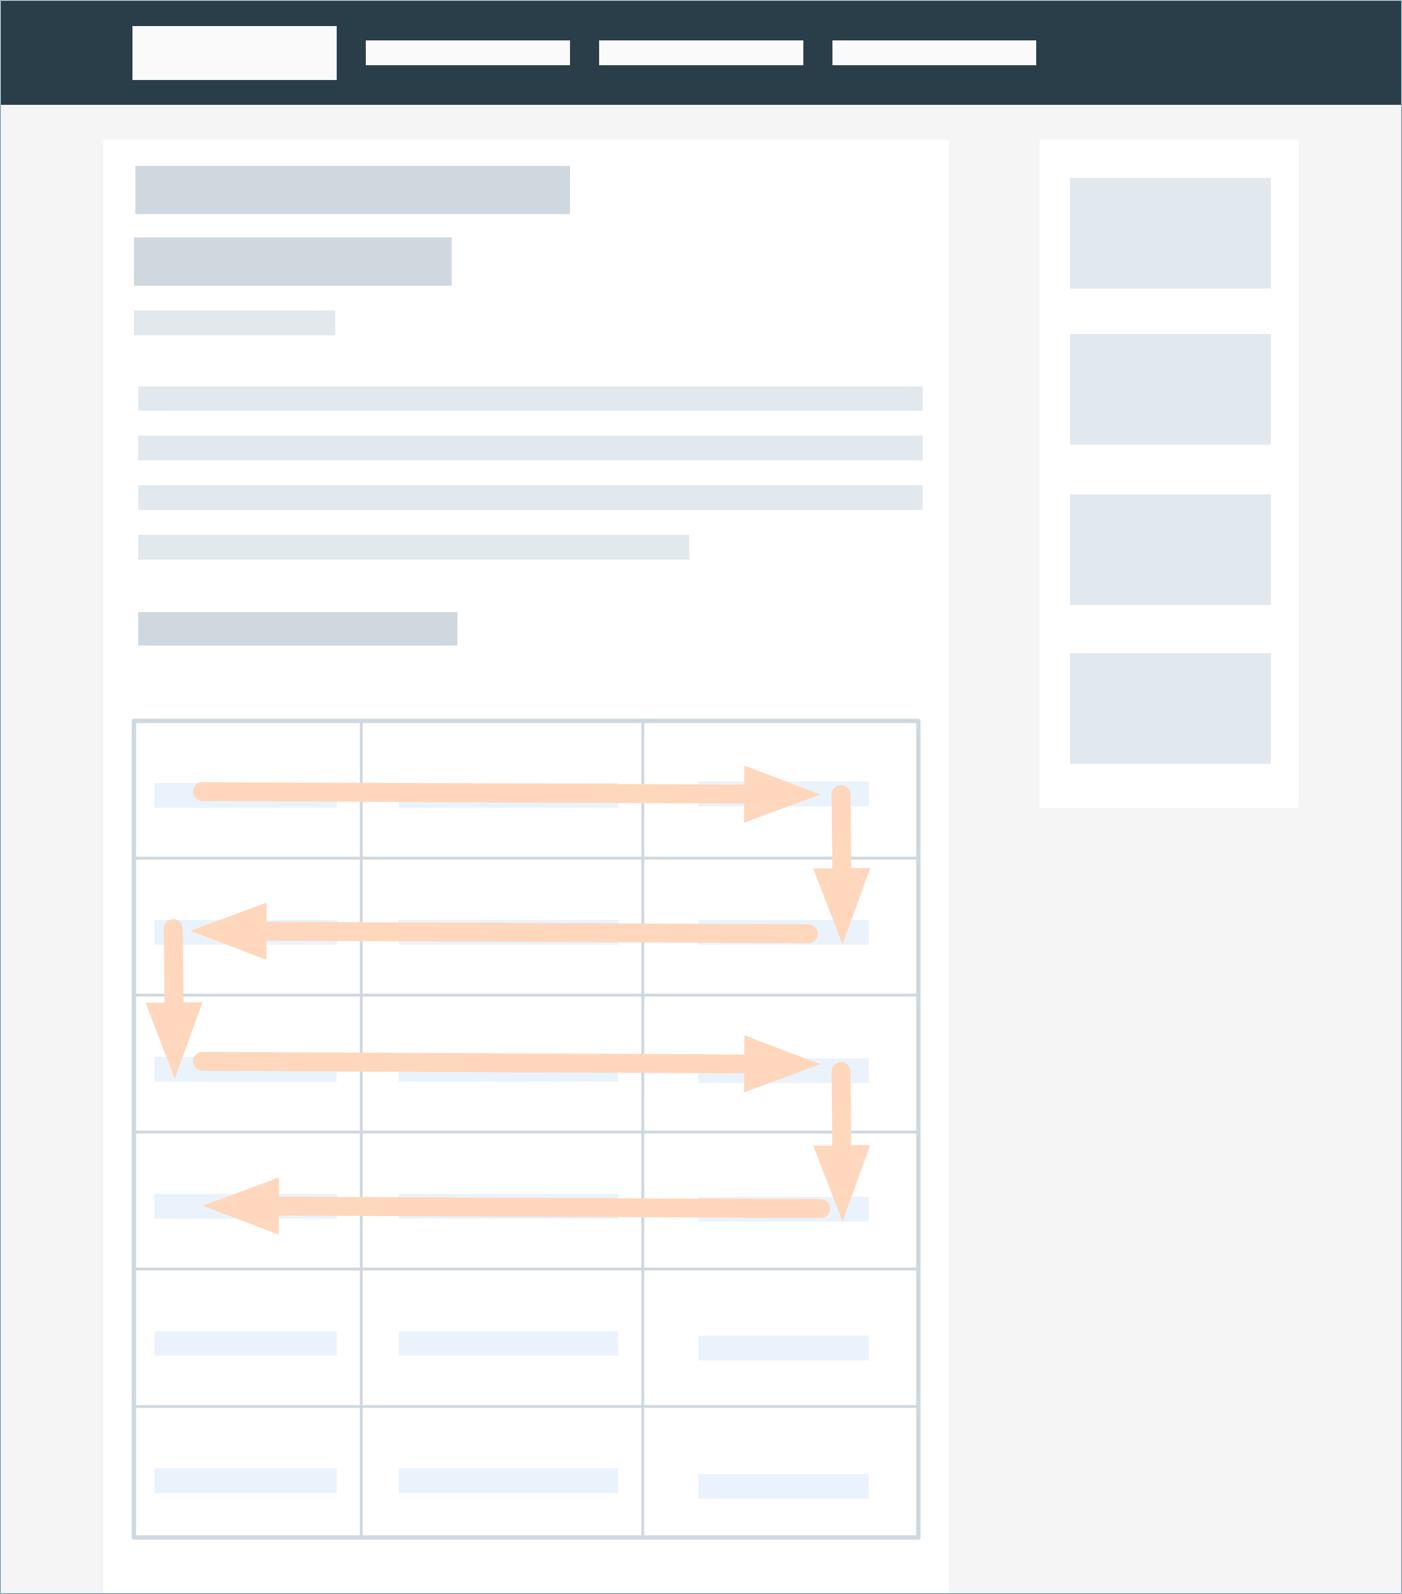 Направление взгляда пользователя при чтении